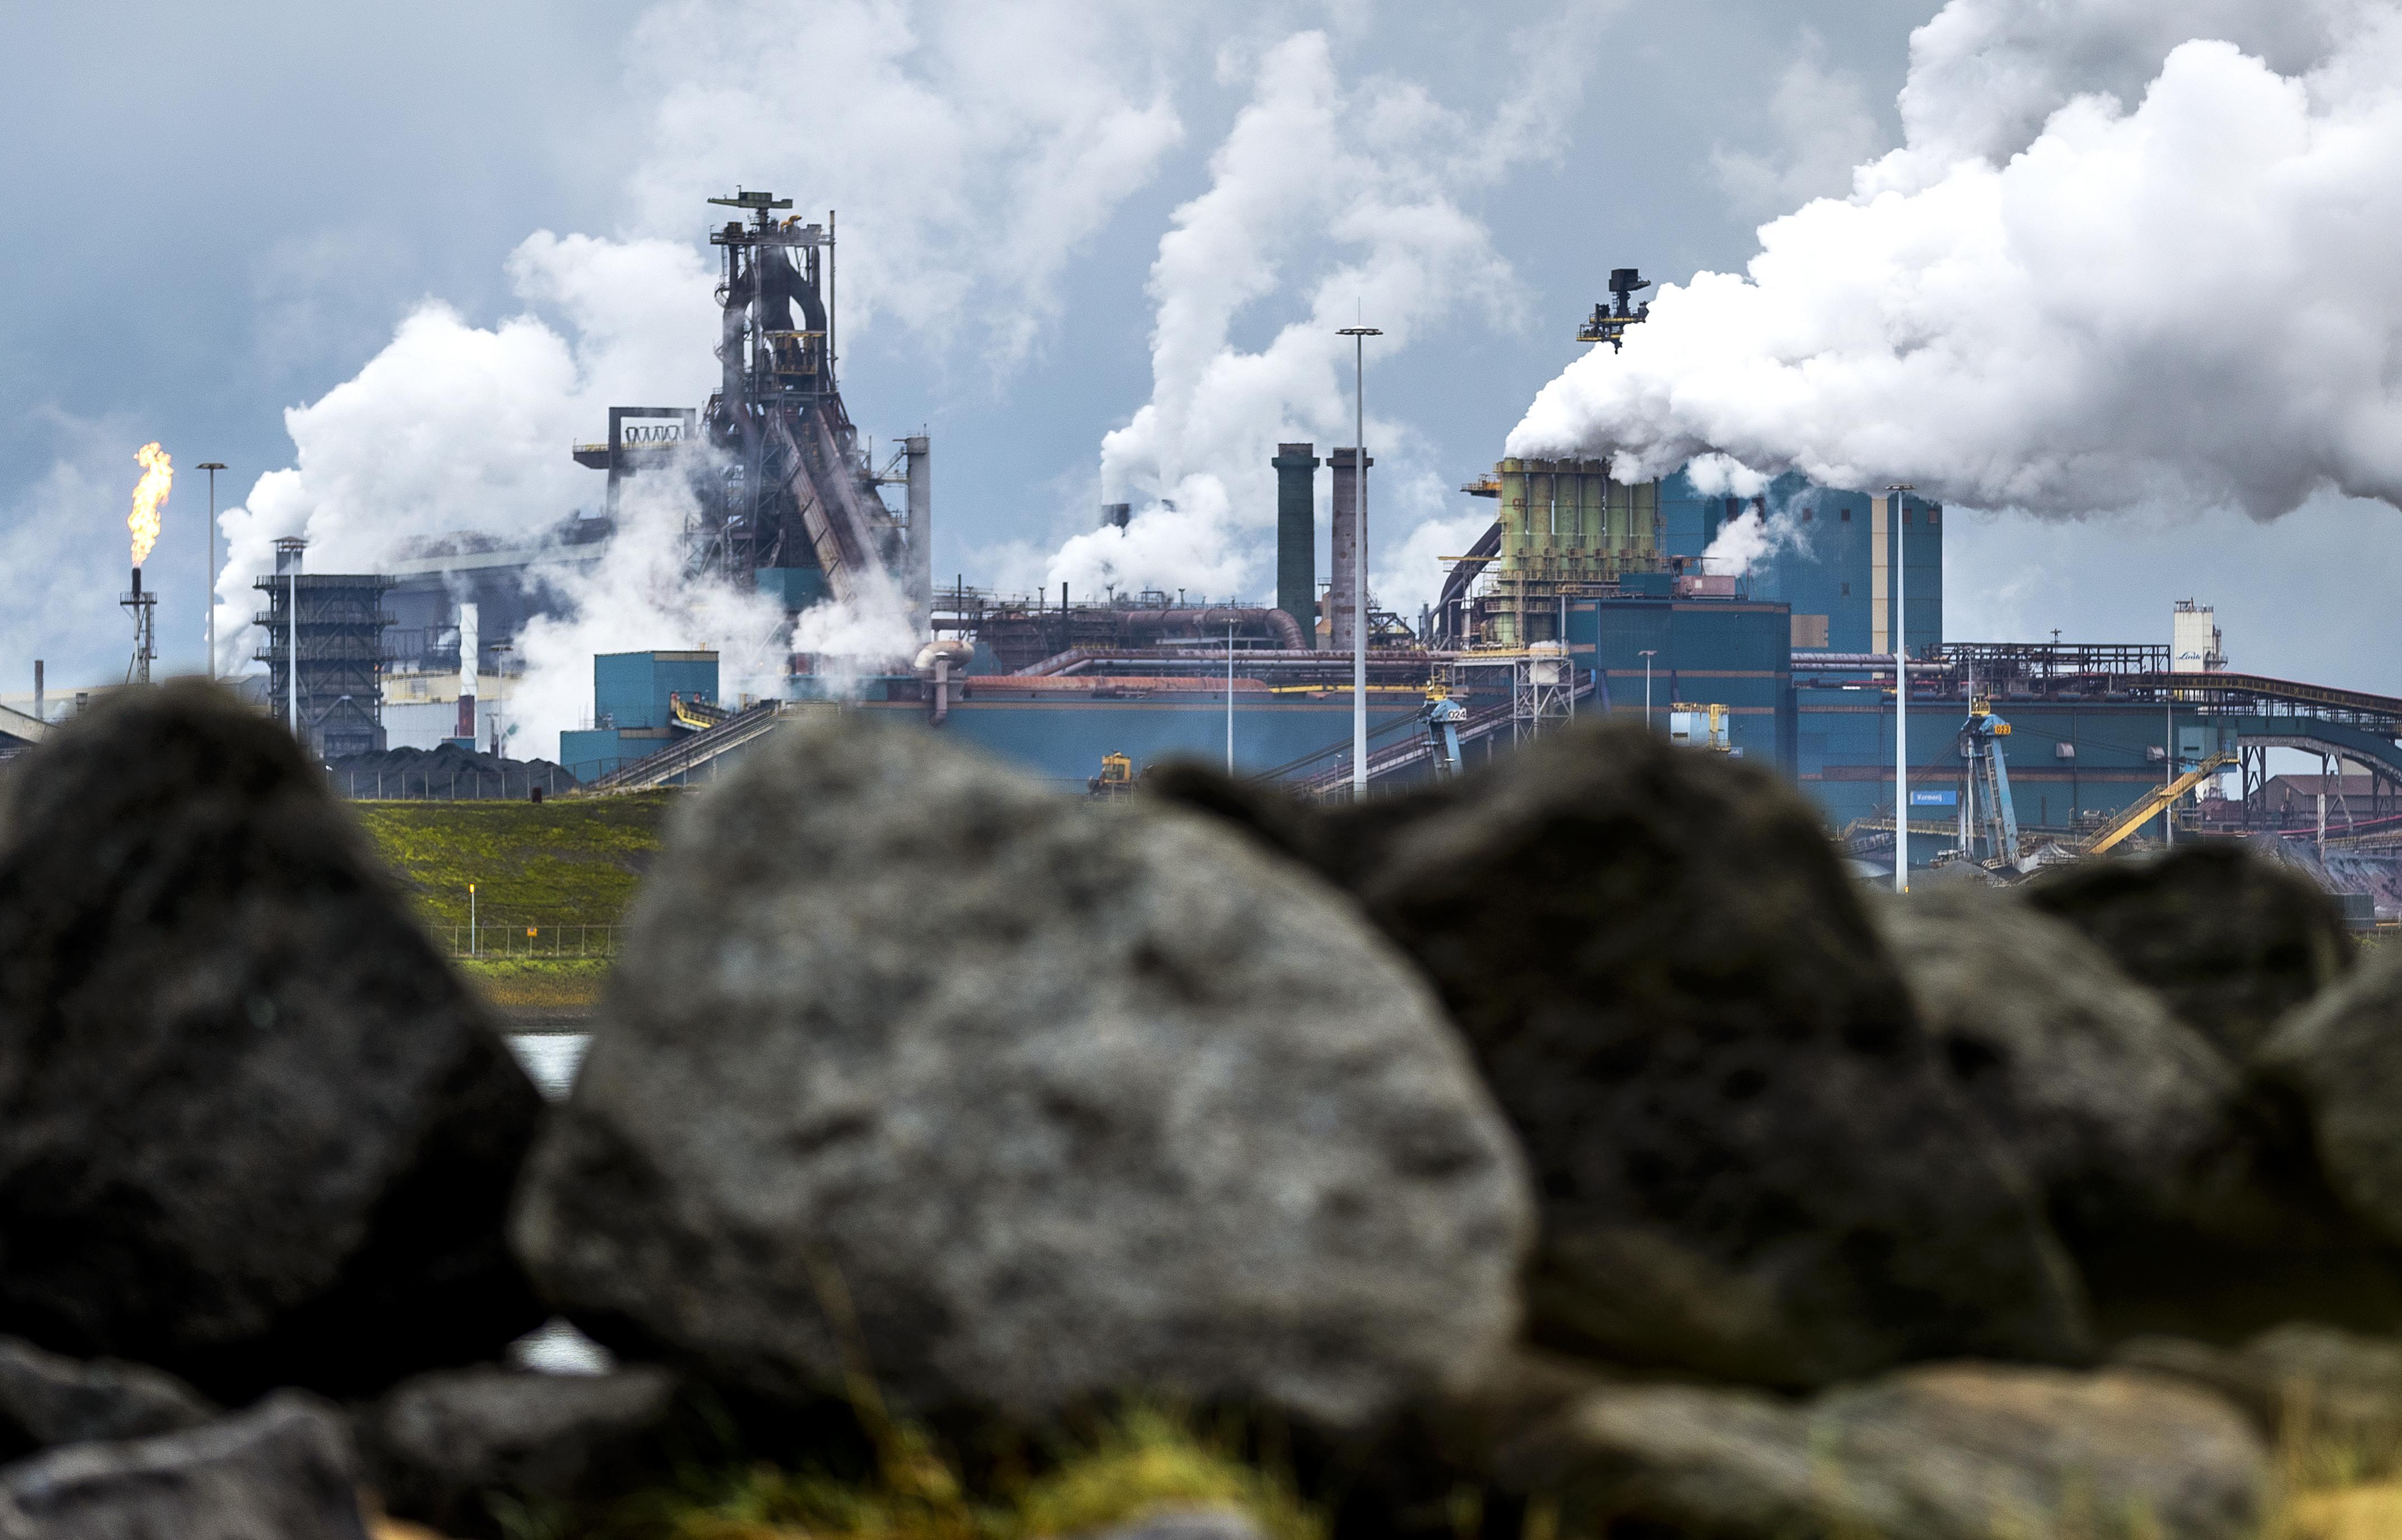 Dorpsraad Wijk aan Zee: 'Wel degelijk verband tussen longkanker en luchtverontreiniging van Tata Steel'